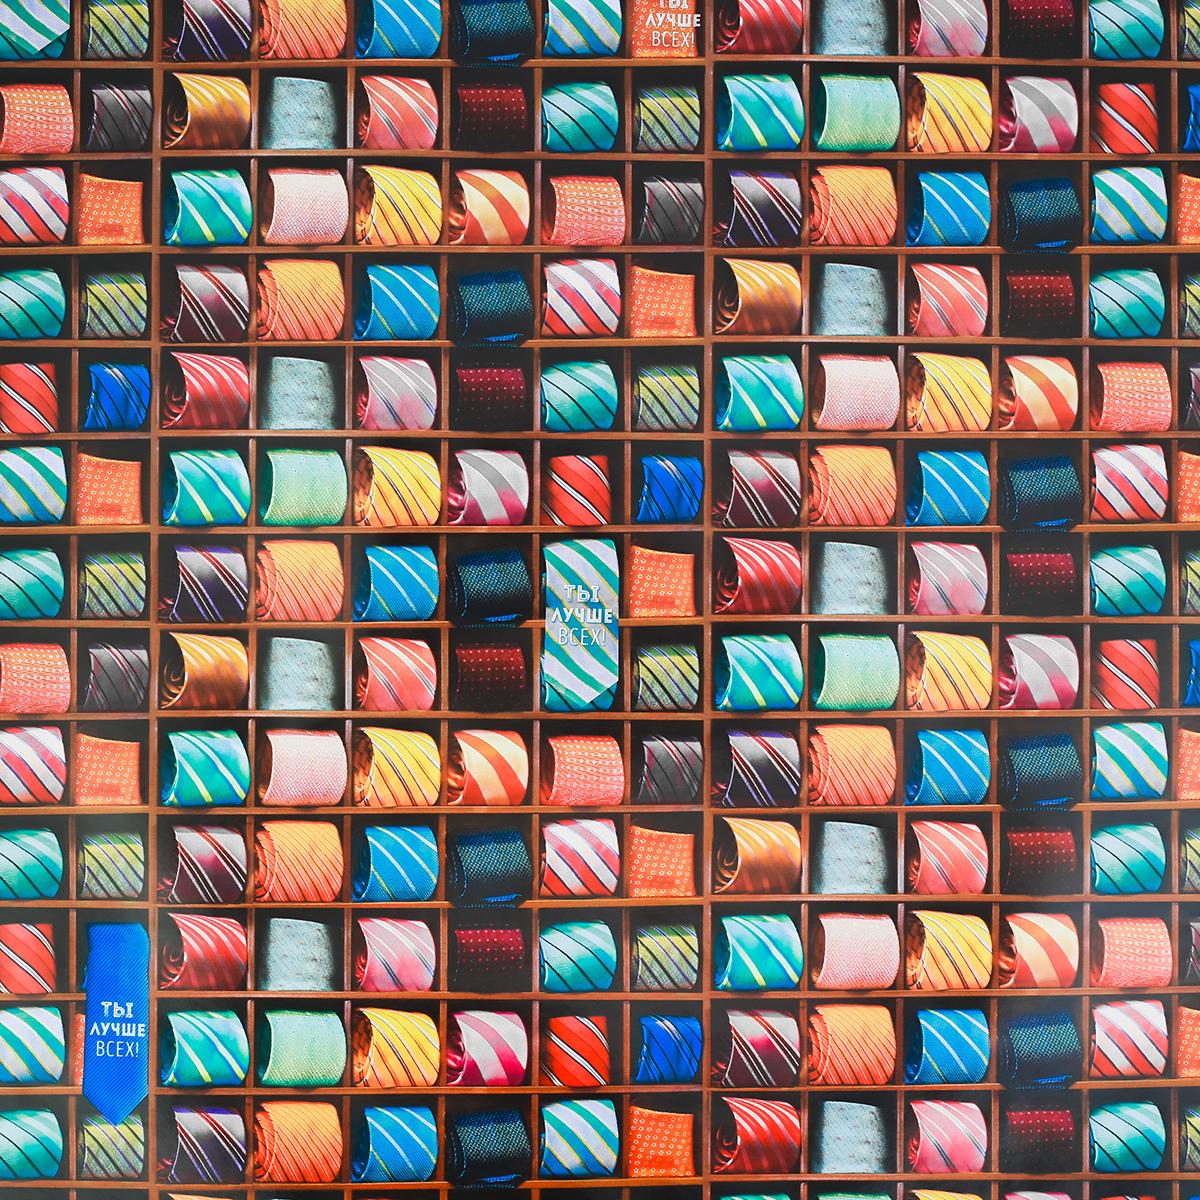 Бумага упаковочная Дарите счастье Яркие галстуки, глянцевая, 70 х 100 см. 27916692791669Любой подарок начинается с упаковки. Что может быть трогательнее и волшебнее, чем ритуал разворачивания полученного презента. И именно оригинальная, со вкусом выбранная упаковка выделит ваш подарок из массы других. Она продемонстрирует самые тёплые чувства к виновнику торжества и создаст сказочную атмосферу праздника.